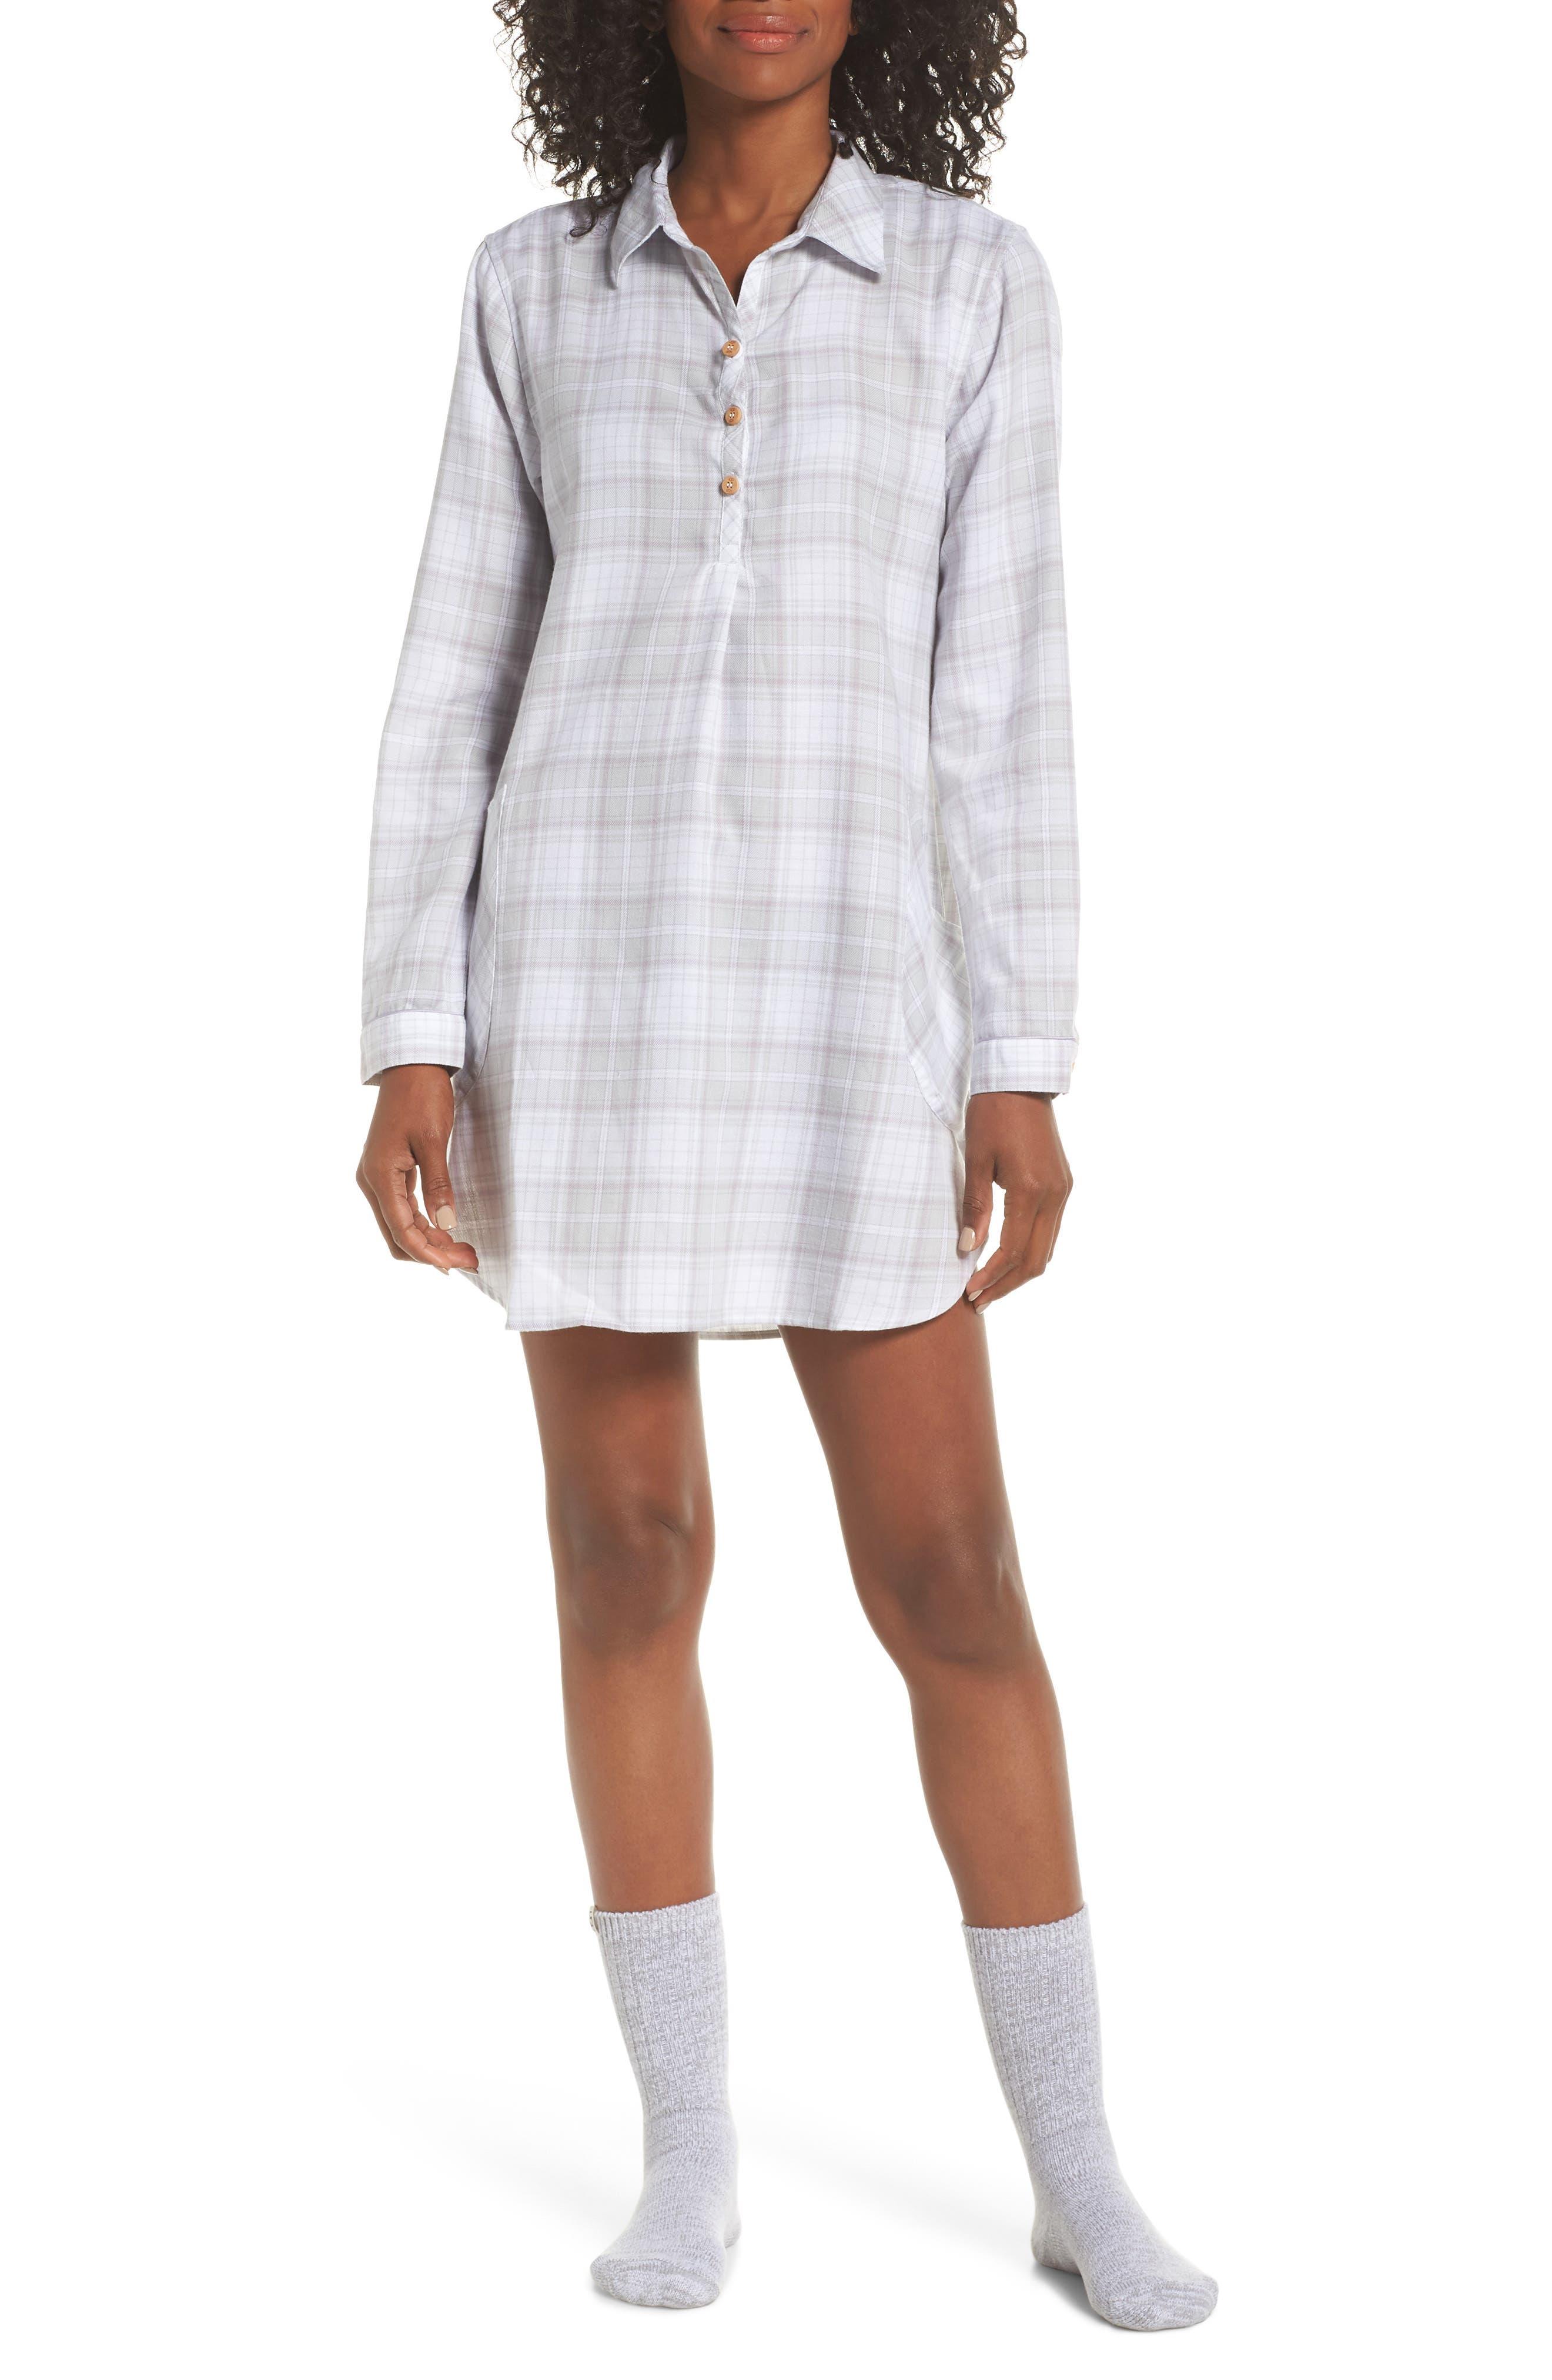 Ugg Sleep Shirt & Socks Set